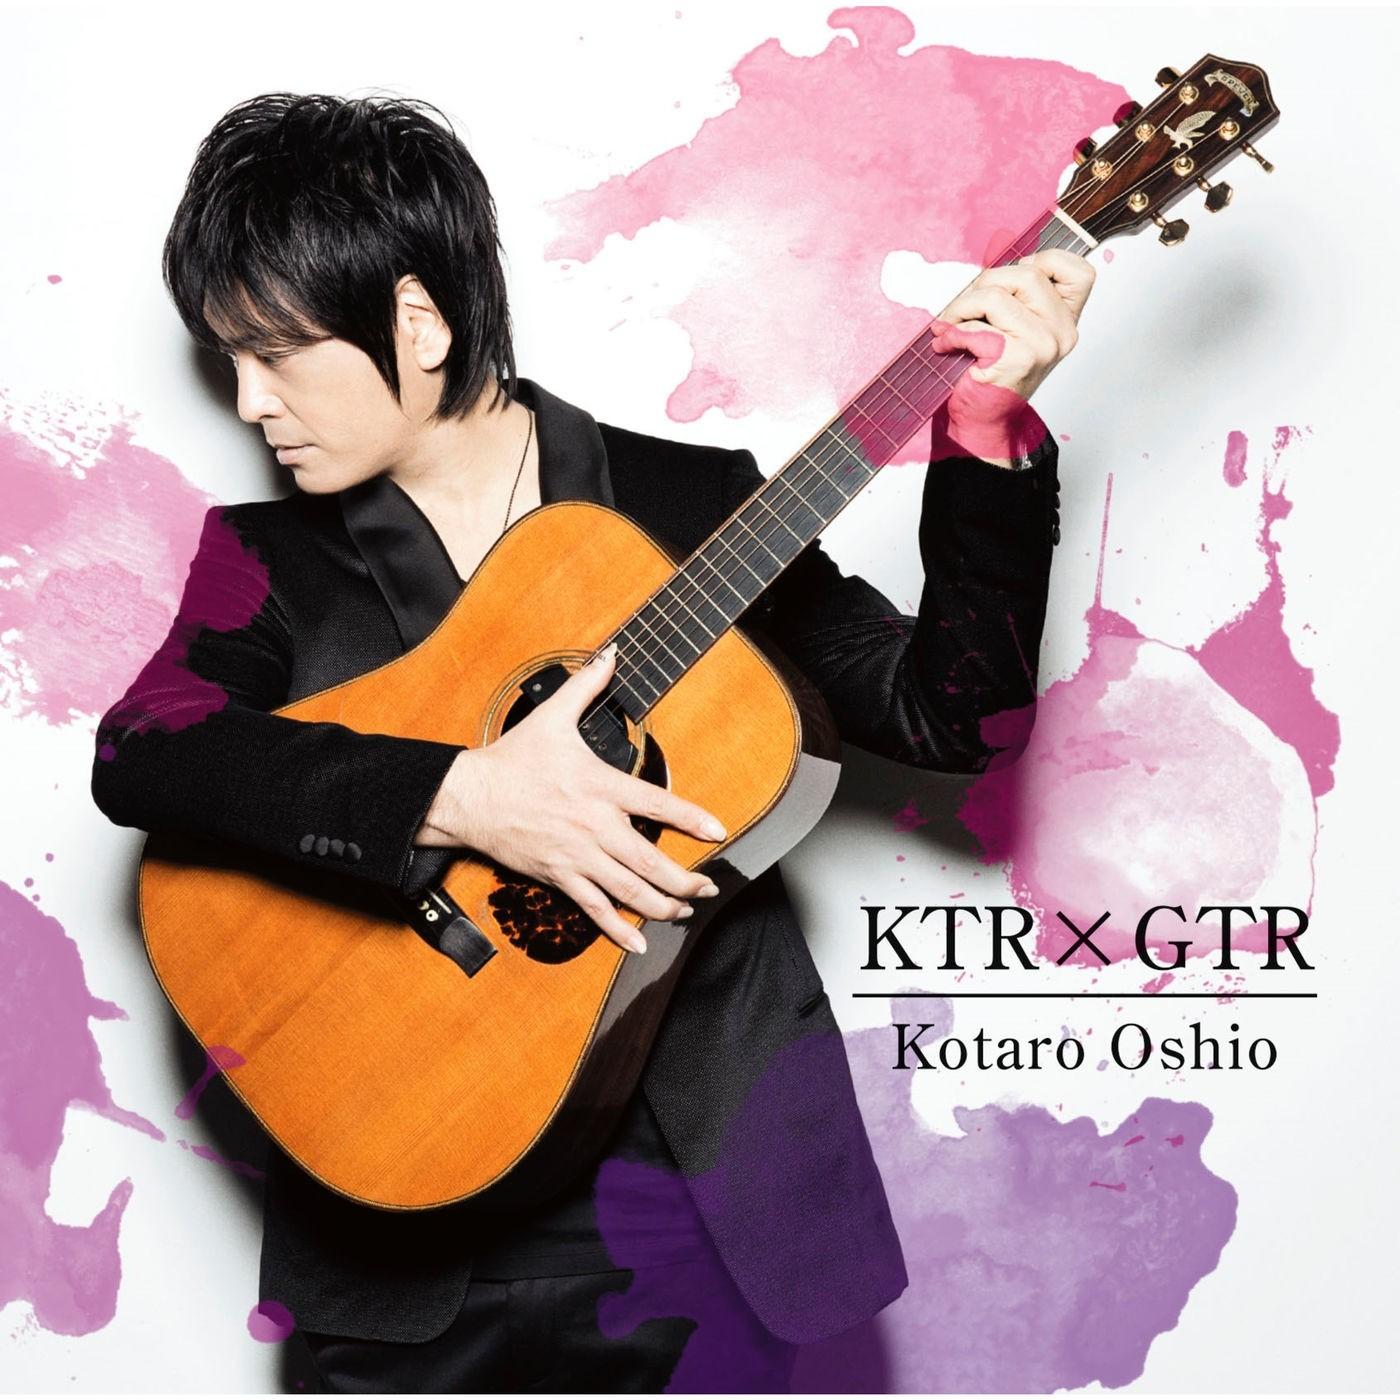 押尾コータロー (Kotaro Oshio) – KTRxGTR [Mora FLAC 24bit/48kHz]